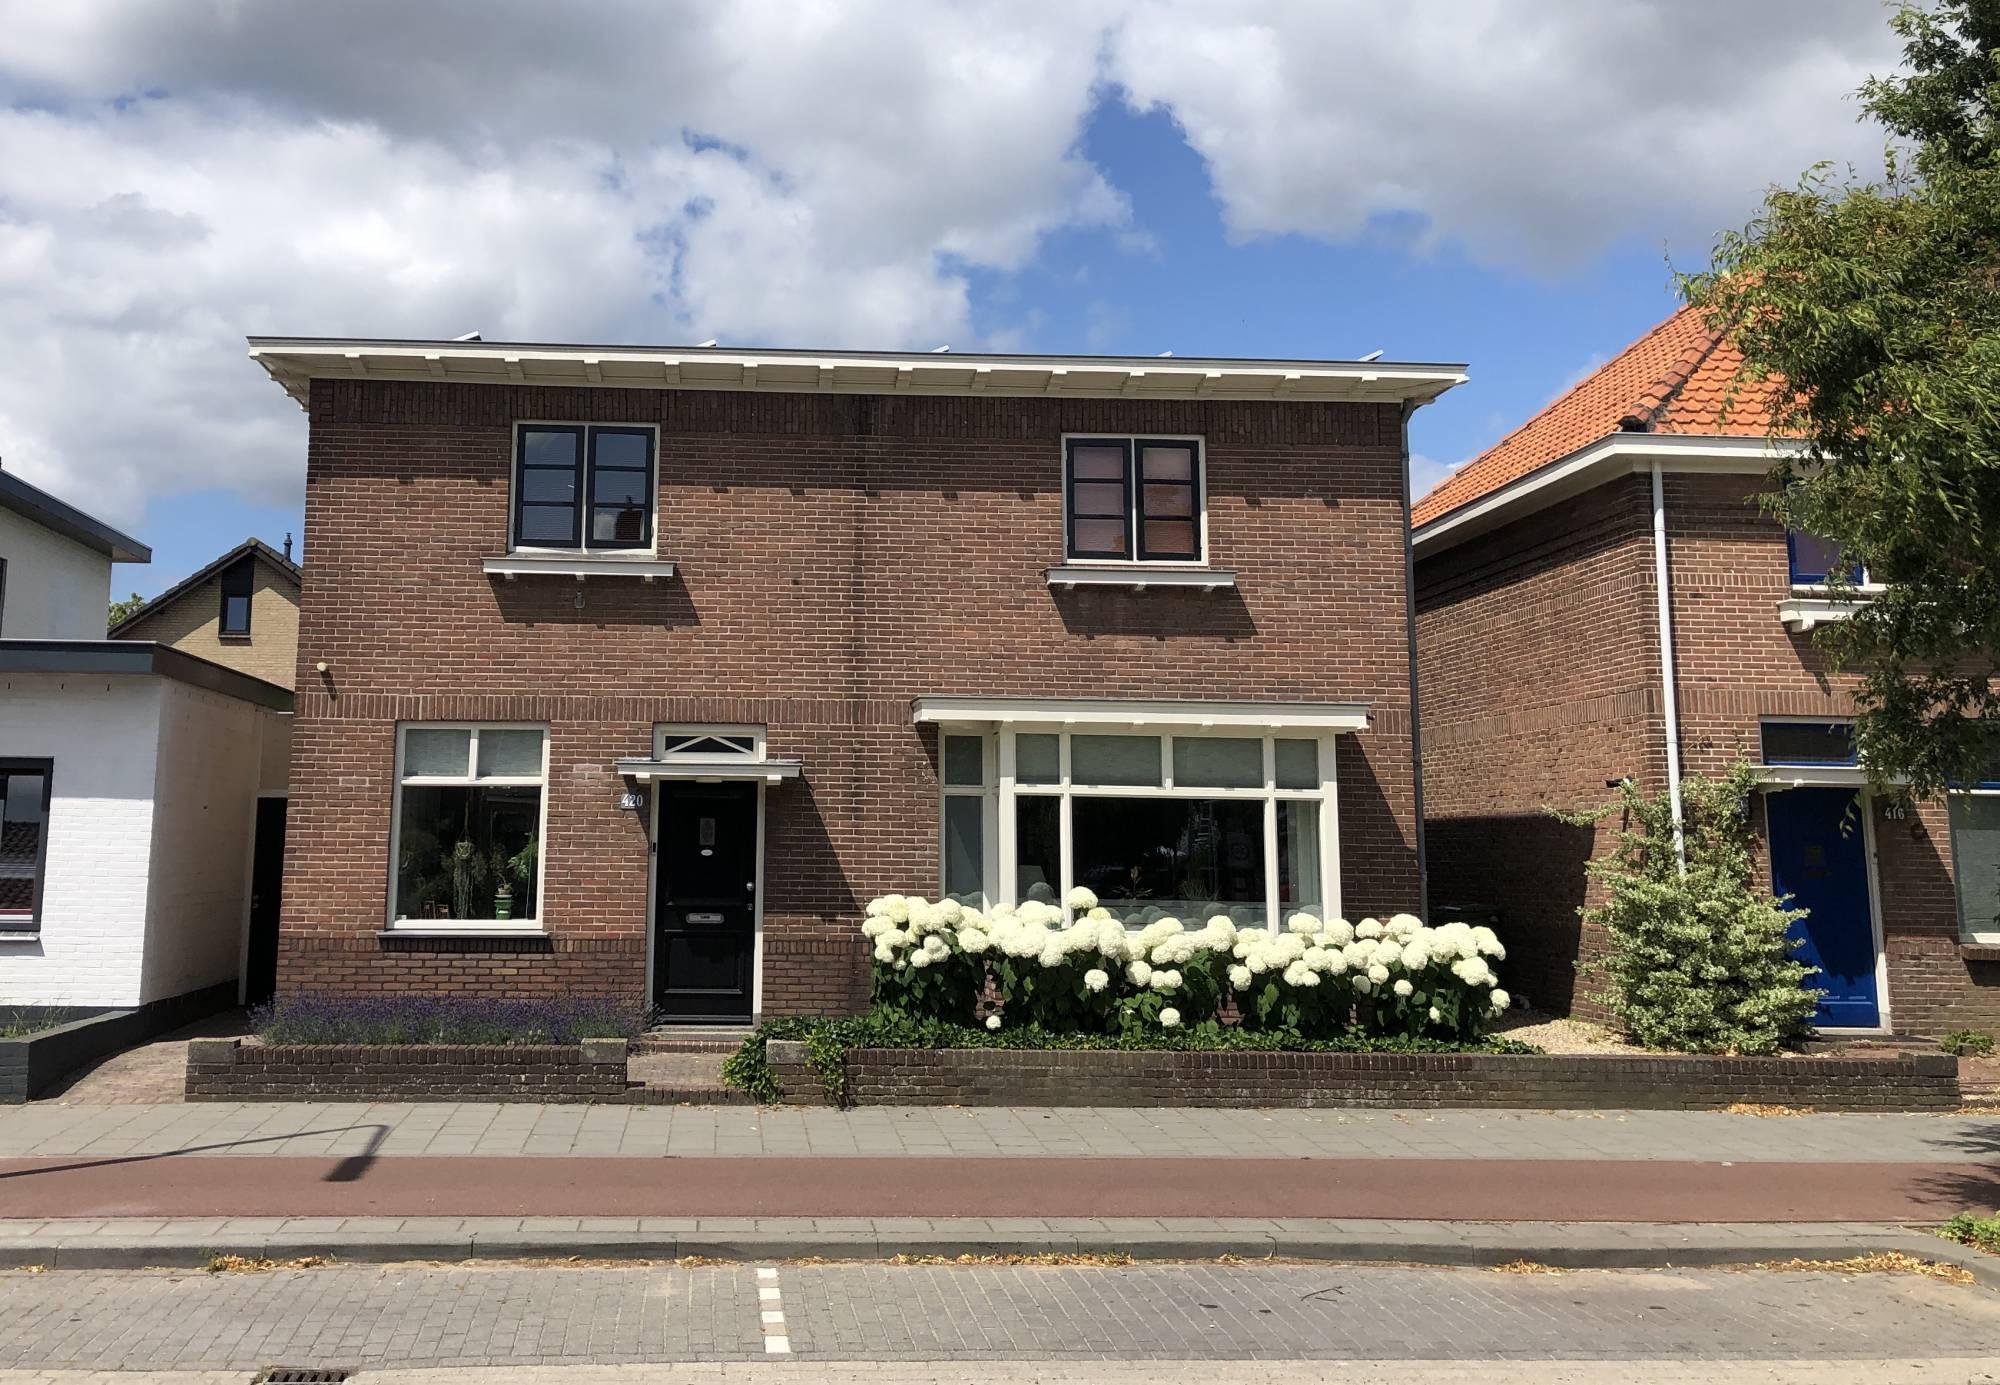 St. Jacobslaan, Nijmegen